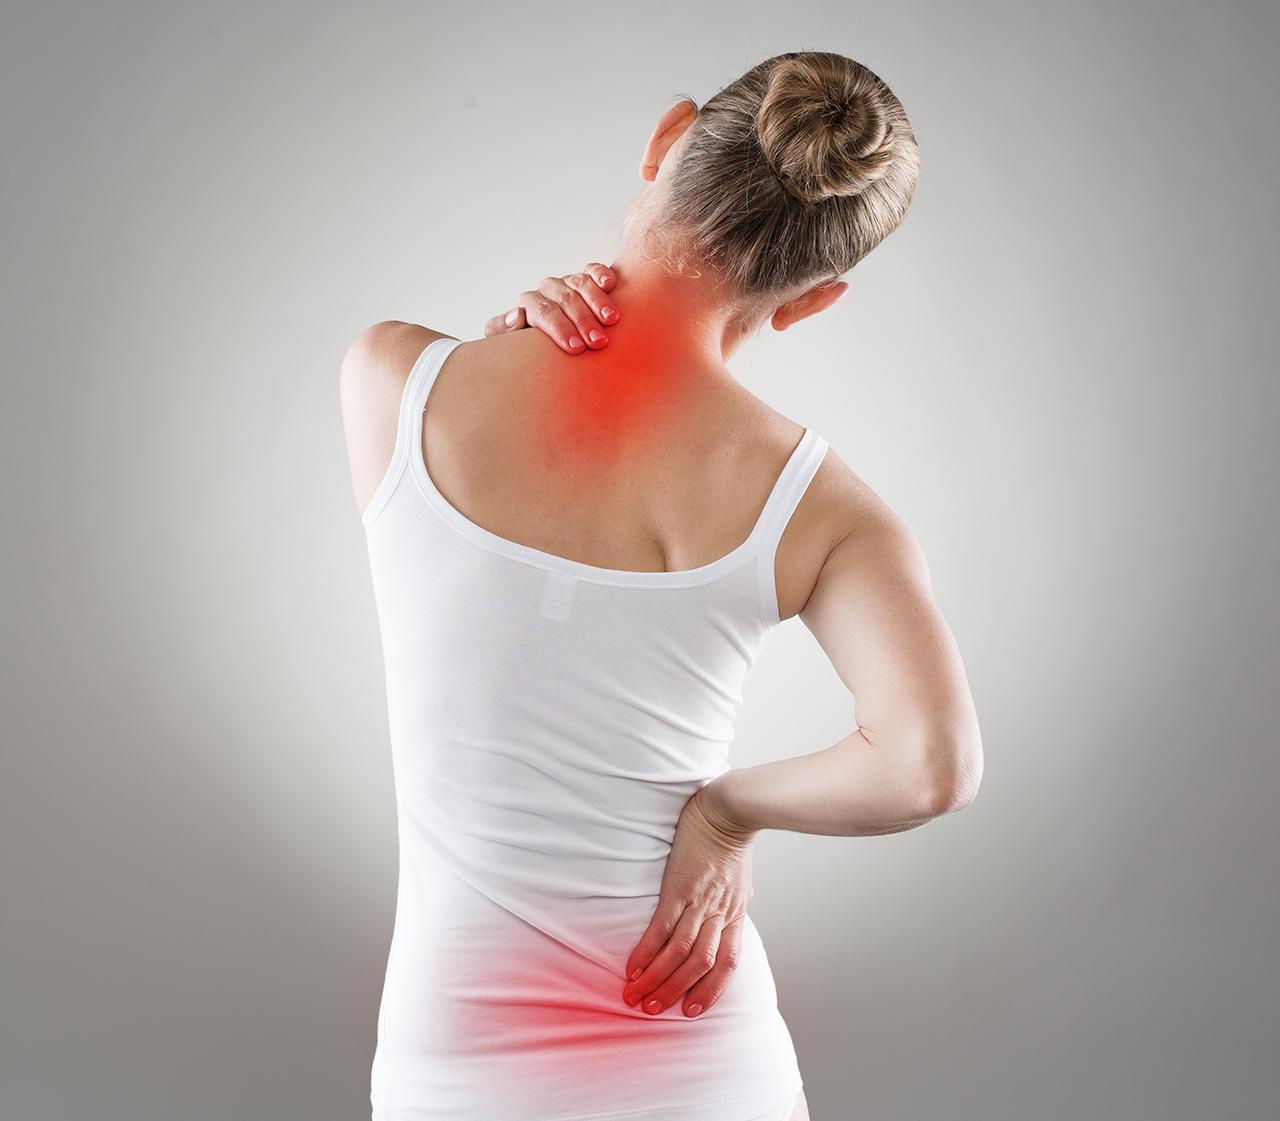 Schmerz ©iStock Bild No iStock-498610206a